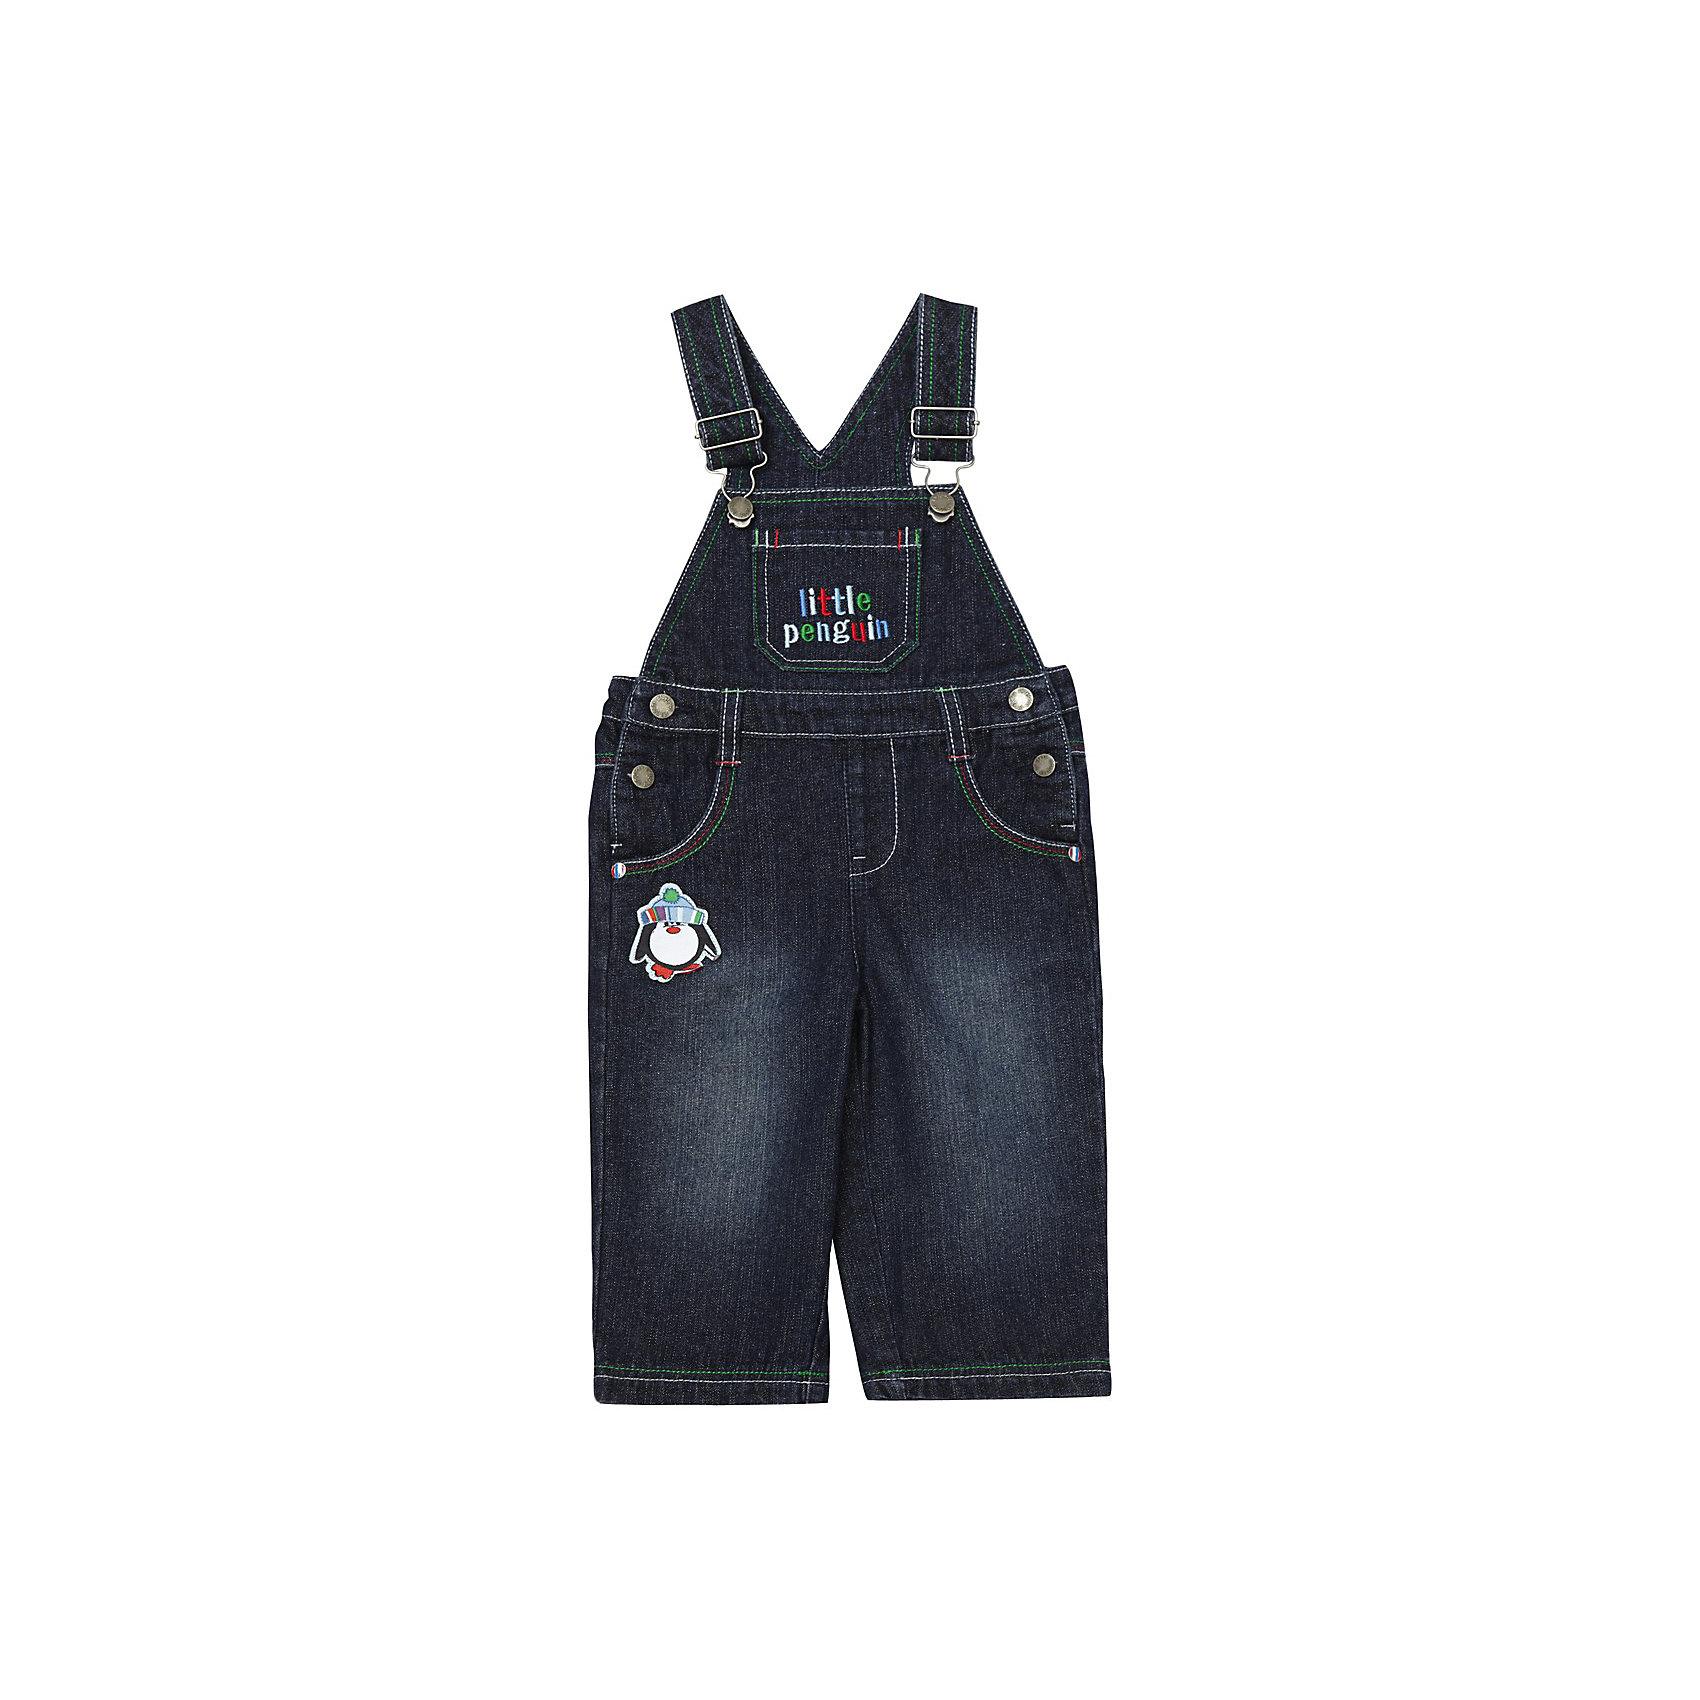 Комбинезон джинсовый для мальчика PlayTodayКомбинезоны<br>* джинсовый полукомбинезон для мальчика <br>* полукомбинезон на регулируемых по длине бретелях<br>* застежка - металлические болты по бокам<br>* по талии внутренняя регулируемая резинка<br>* карманы спереди и сзади; на груди карман украшен вышивкой little penguin; карманы сзади накладные, декорированы вышивкой  <br>* пуговицы декорированы логотипом марки playToday<br>* спереди и сзади декоративные шевроны<br>* практичный и стильный комбинезон на каждый день из коллекции Маленькие пингвины<br>Состав:<br>100% хлопок<br><br>Полукомбинезон для мальчика PlayToday (Плэйтудей) можно купить в нашем магазине.<br><br>Ширина мм: 157<br>Глубина мм: 13<br>Высота мм: 119<br>Вес г: 200<br>Цвет: синий<br>Возраст от месяцев: 3<br>Возраст до месяцев: 6<br>Пол: Мужской<br>Возраст: Детский<br>Размер: 68,92,86,80,74<br>SKU: 3302428